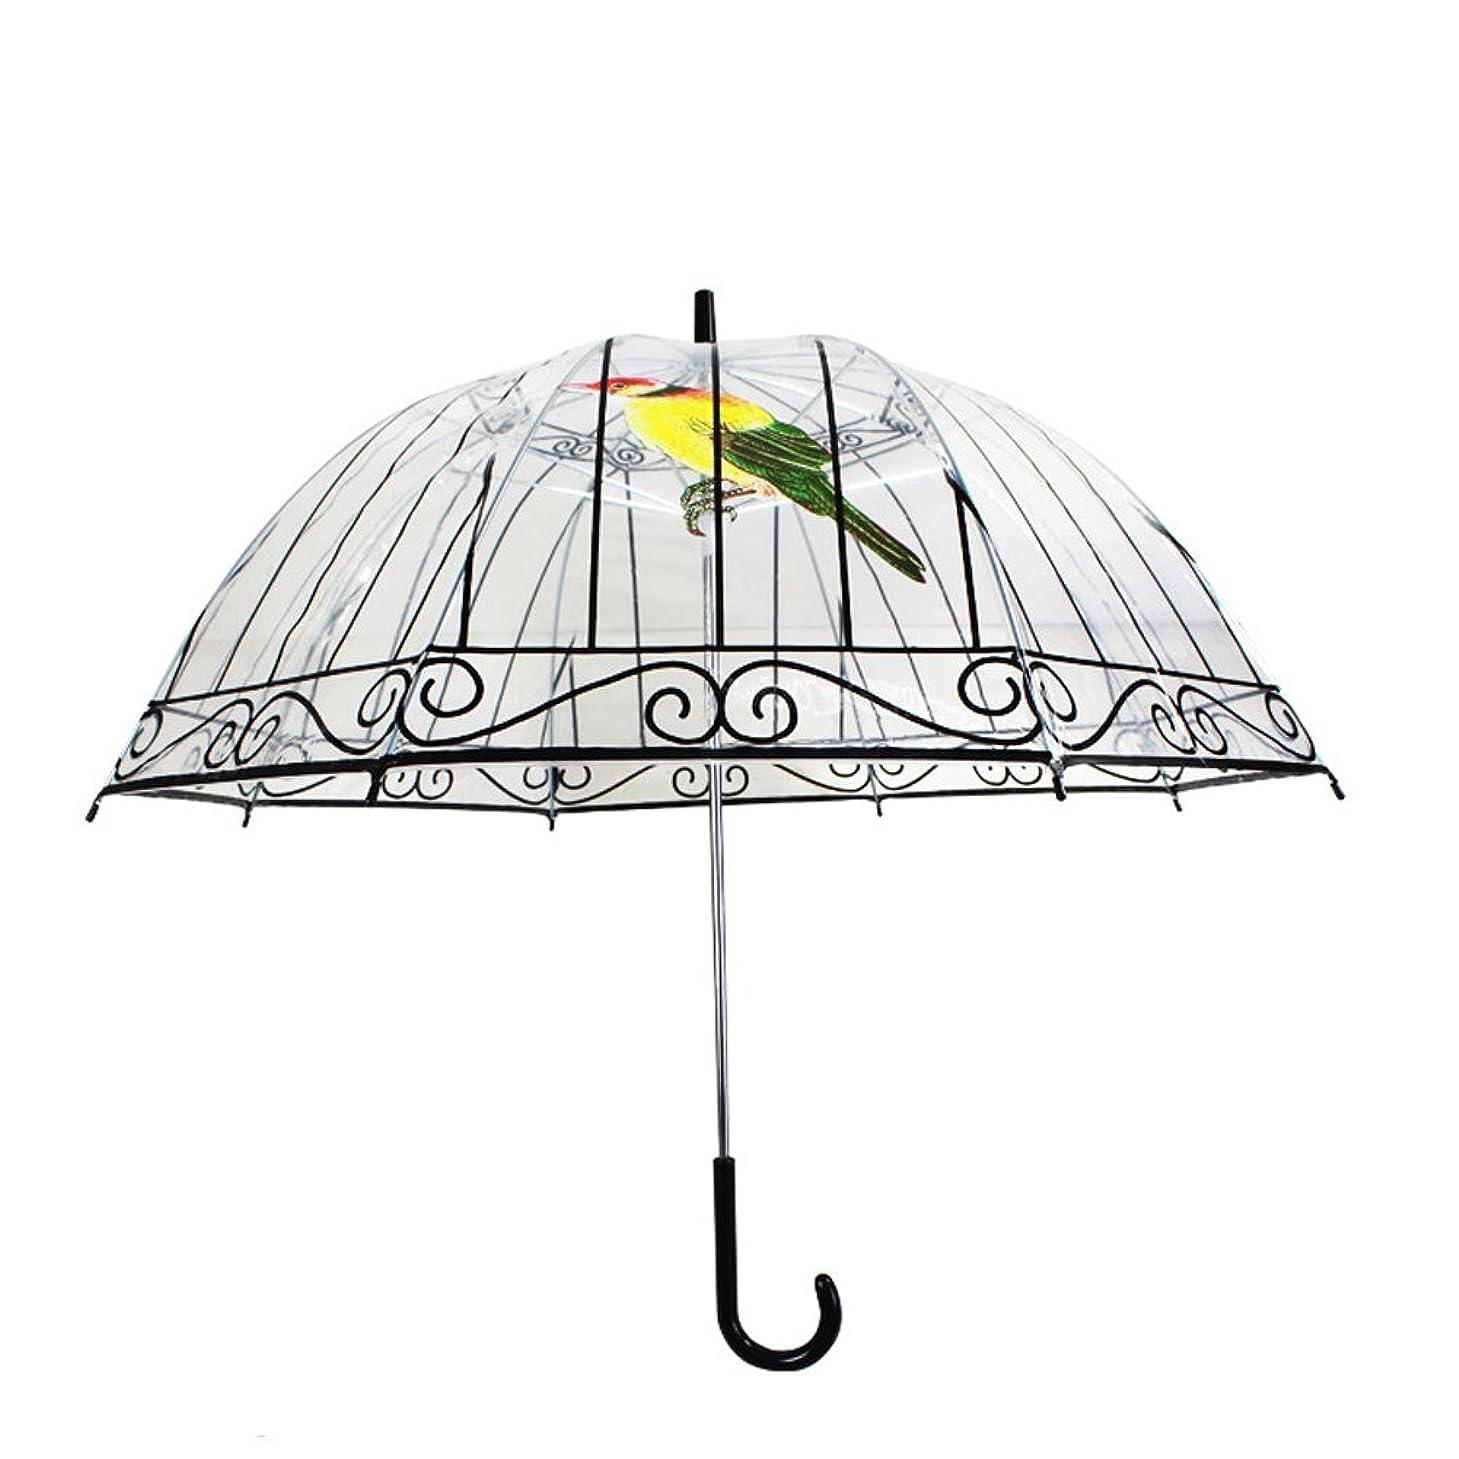 愛置き場頭痛Hush & Vane ビニール傘 鳥かご 鳥籠 ロンドン 街並み お洒落 可愛い 雨傘 長傘 (バード)